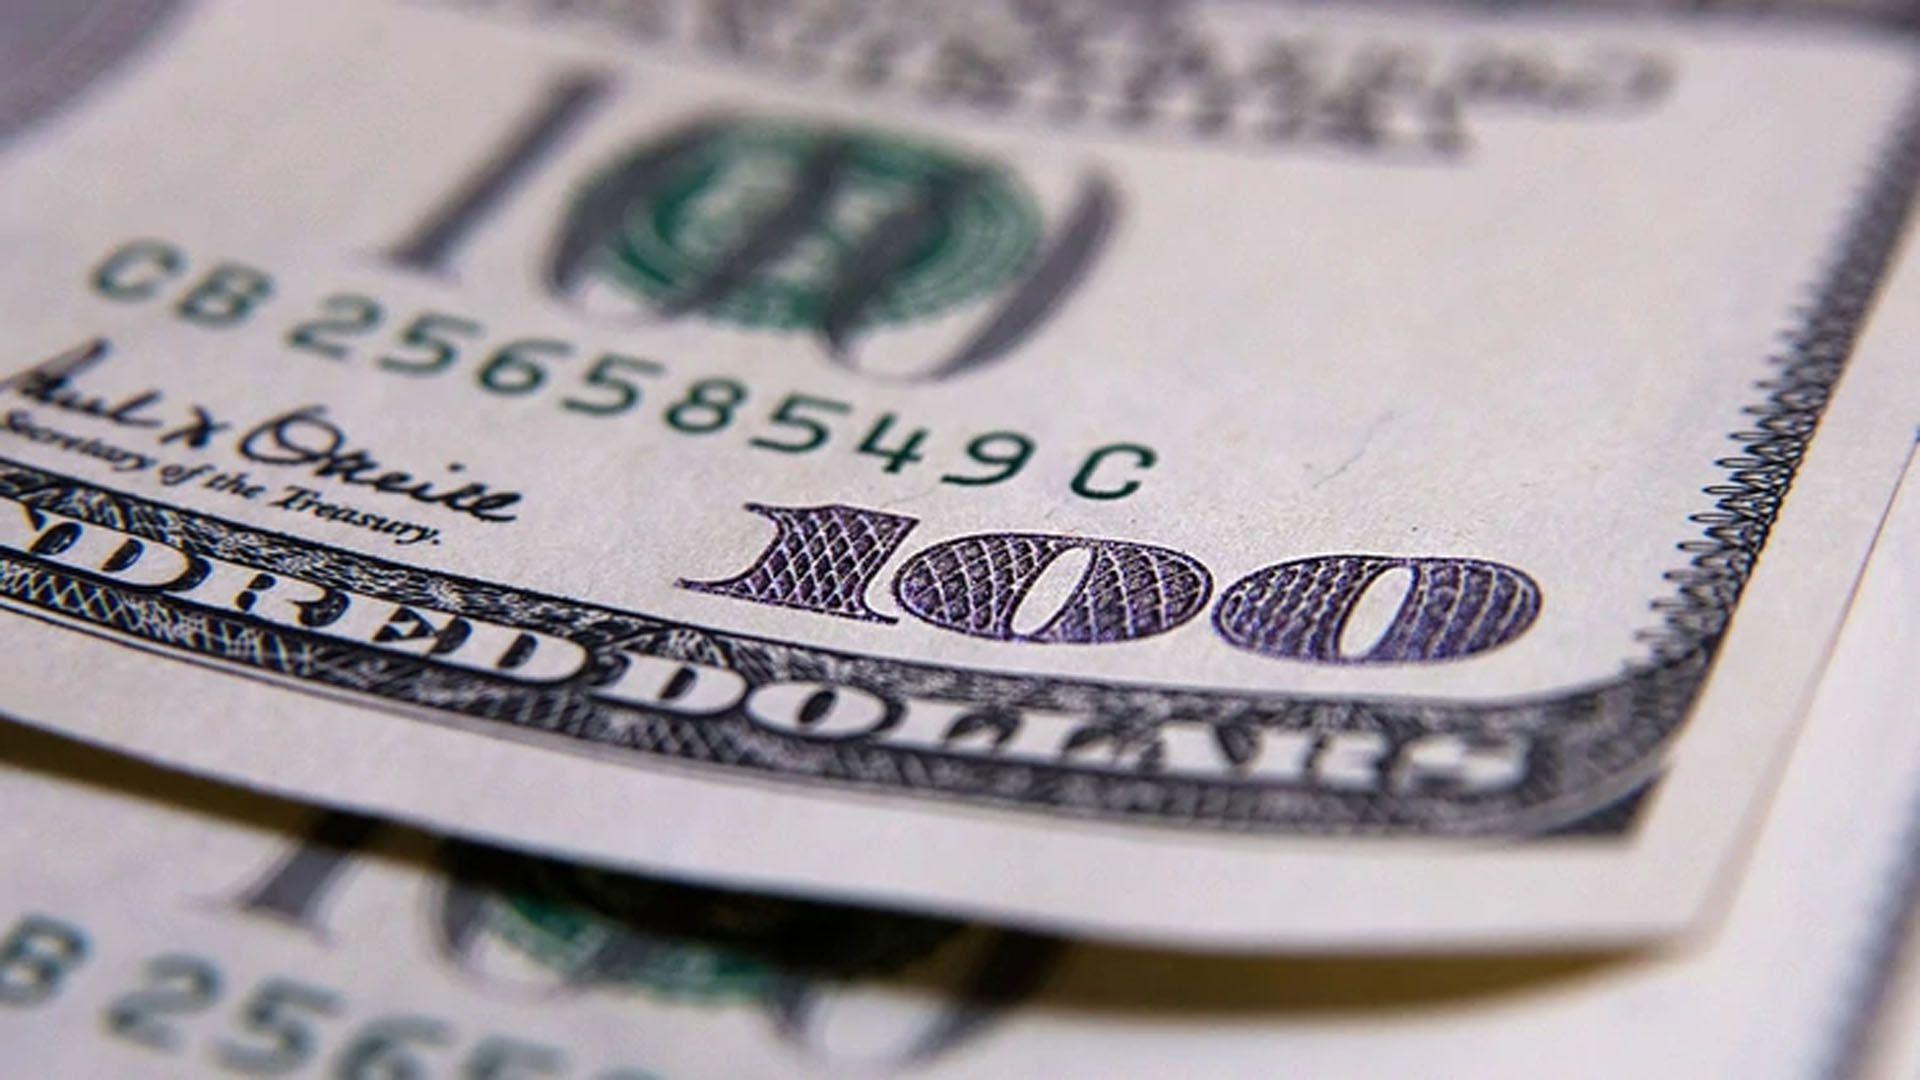 En bancos y casas de cambio el dólar subió 97 centavos a $63,34